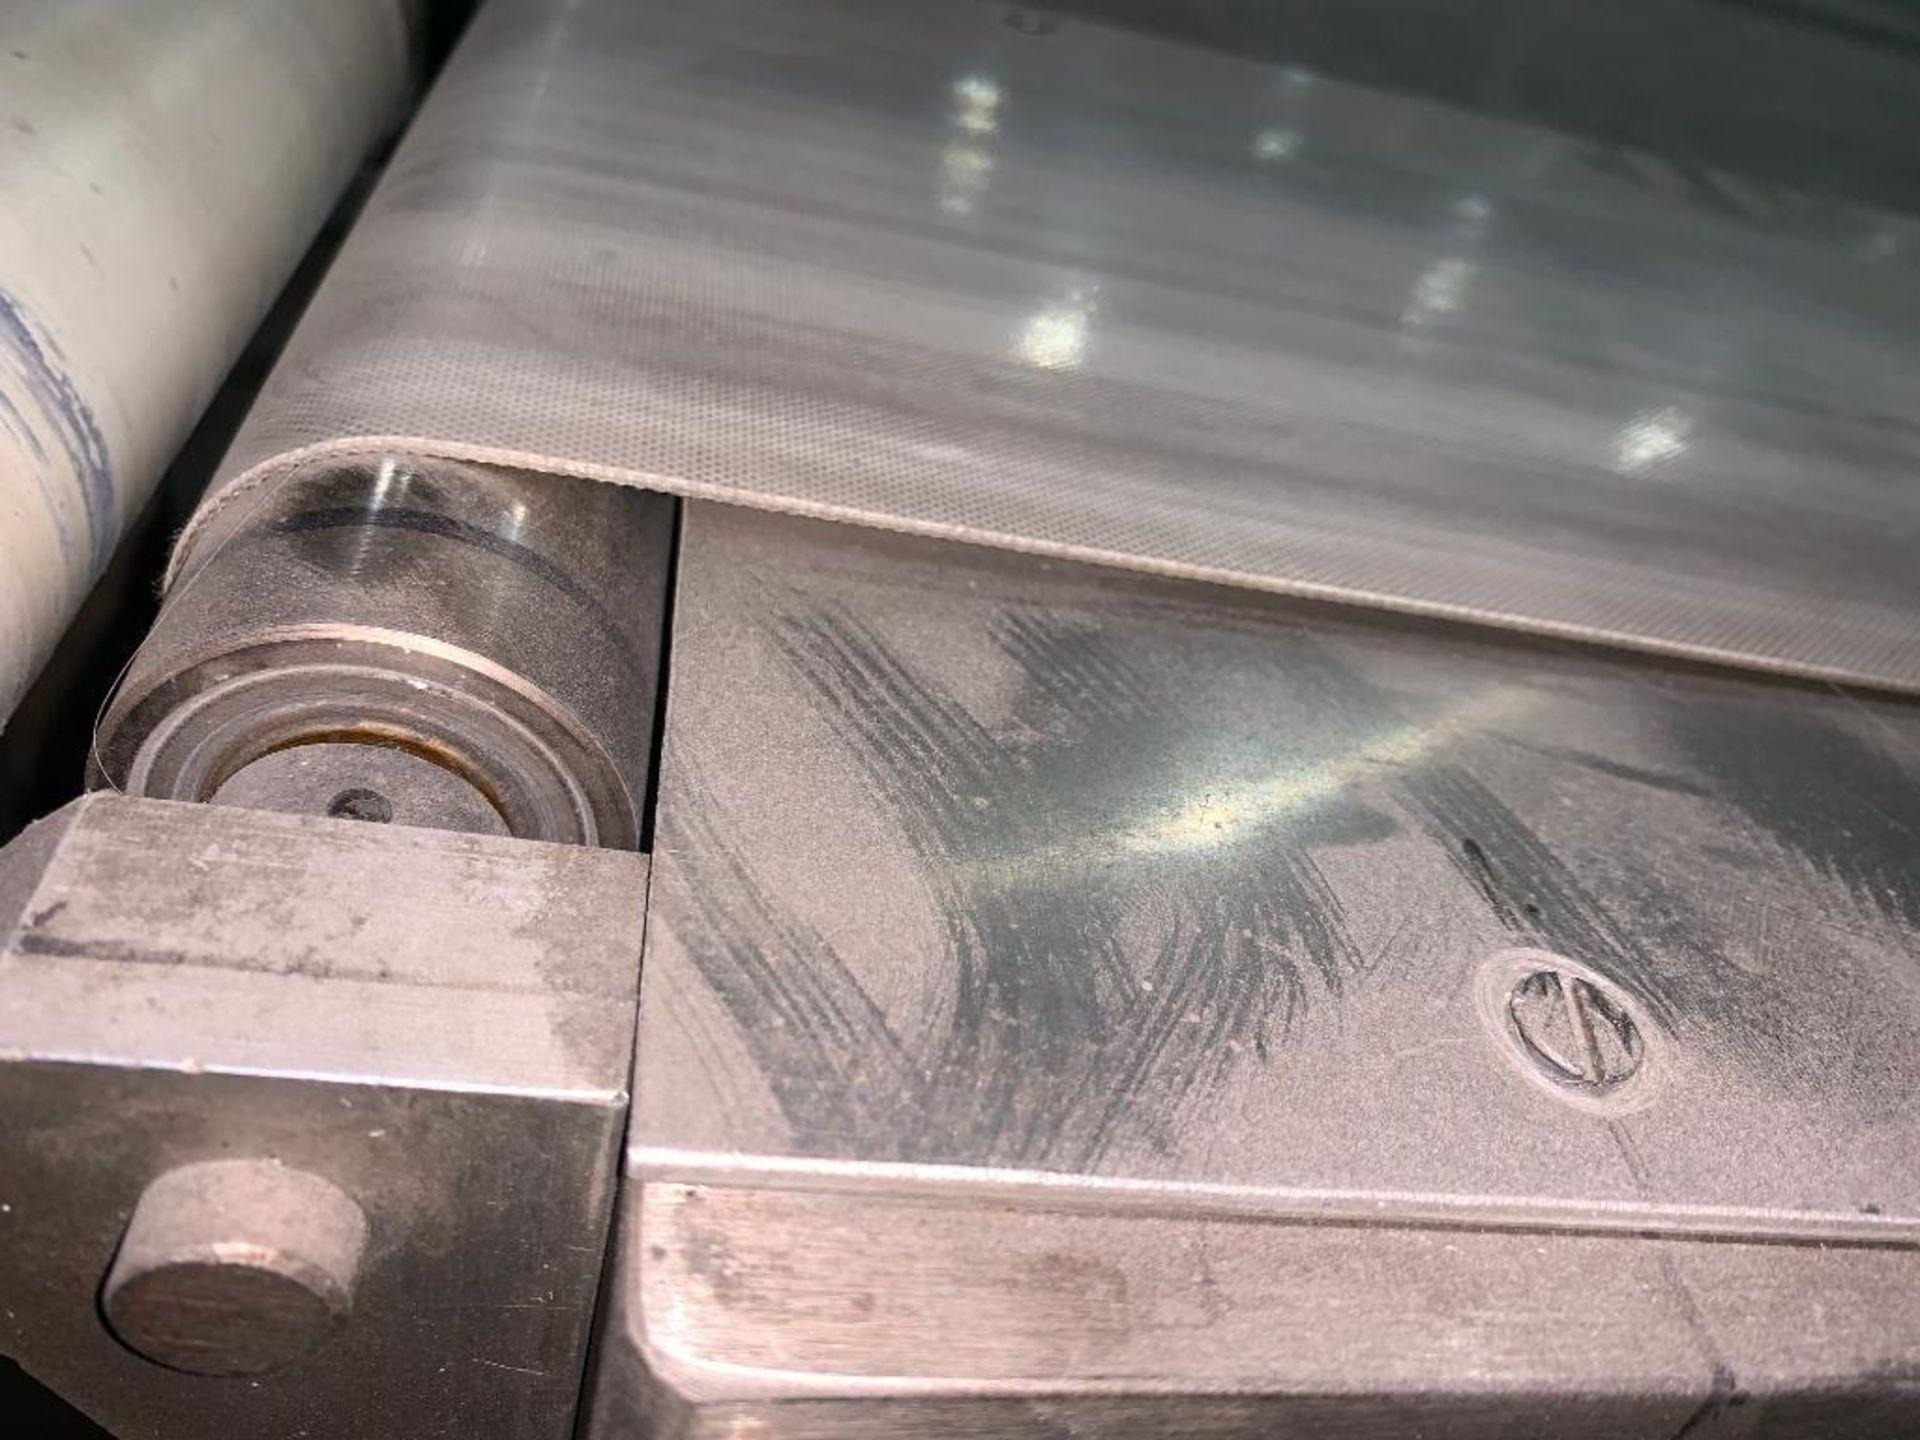 Mettler Toledo metal detector - Image 16 of 24